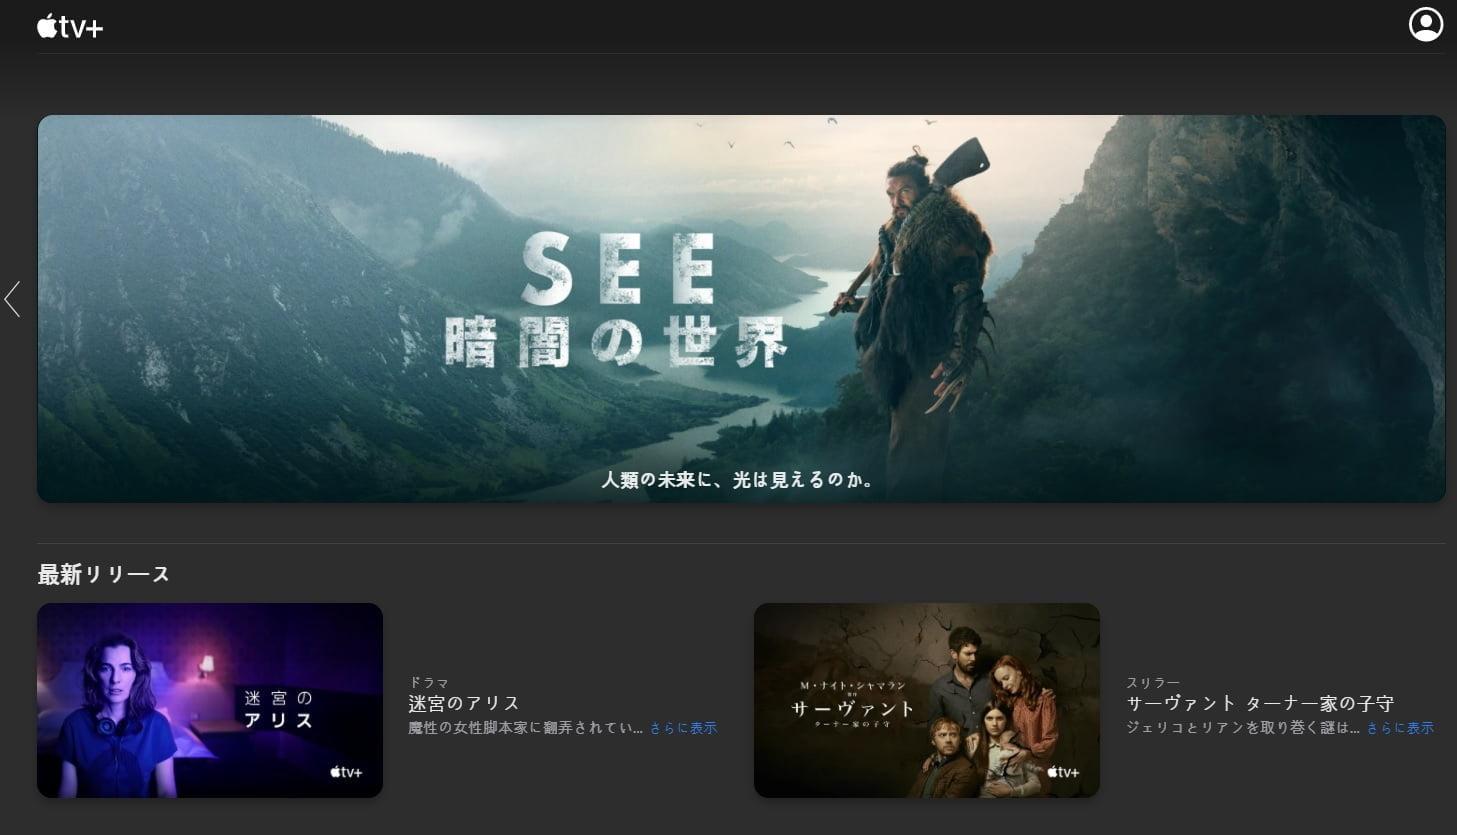 Apple TV+のトップページ